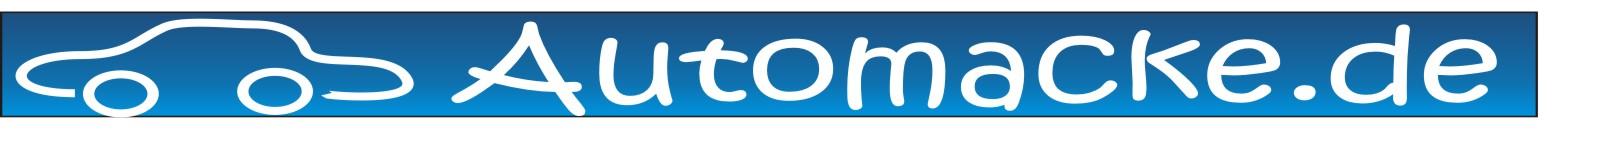 Automacke-Logo-Banner.jpg